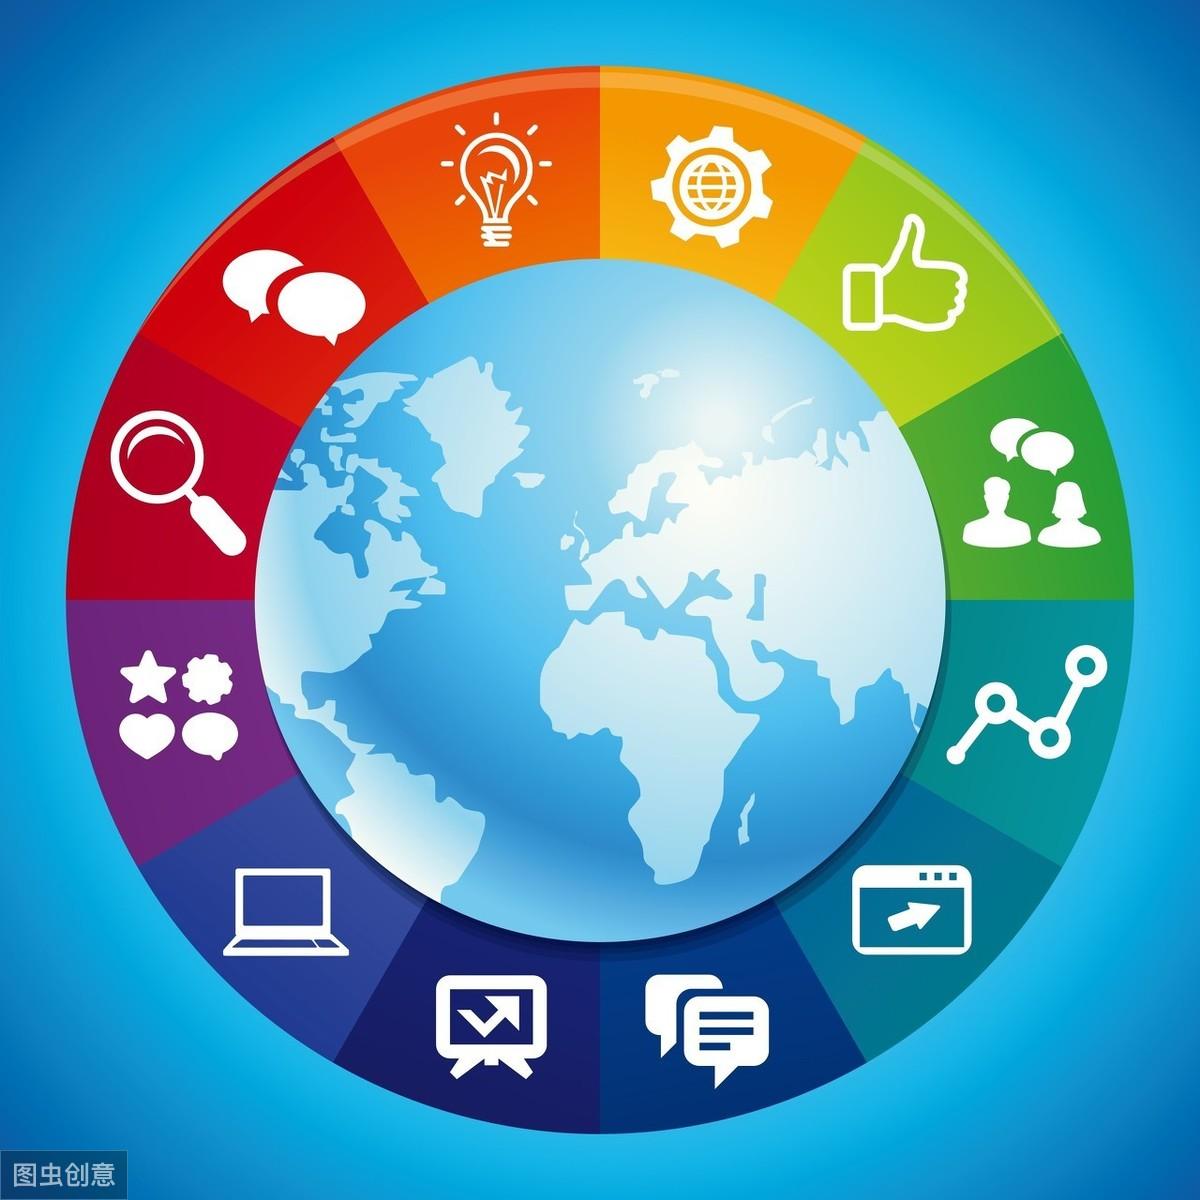 简单聊聊网络营销及其包含的优势特点